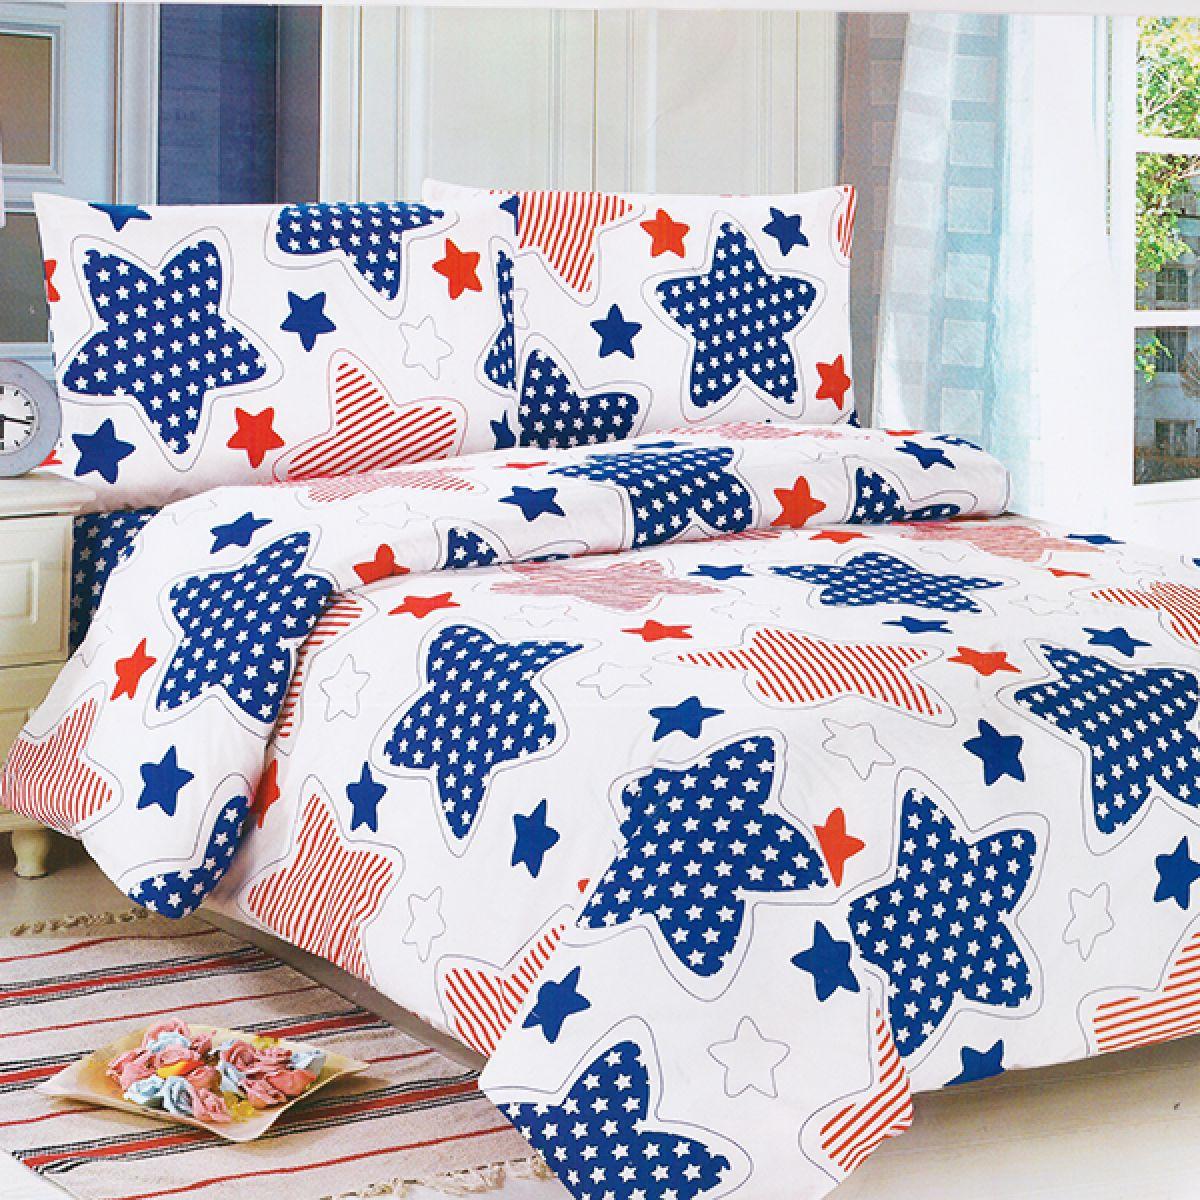 Cheap Beddings - TPR-486 - 160x200 cm - 4 pcs